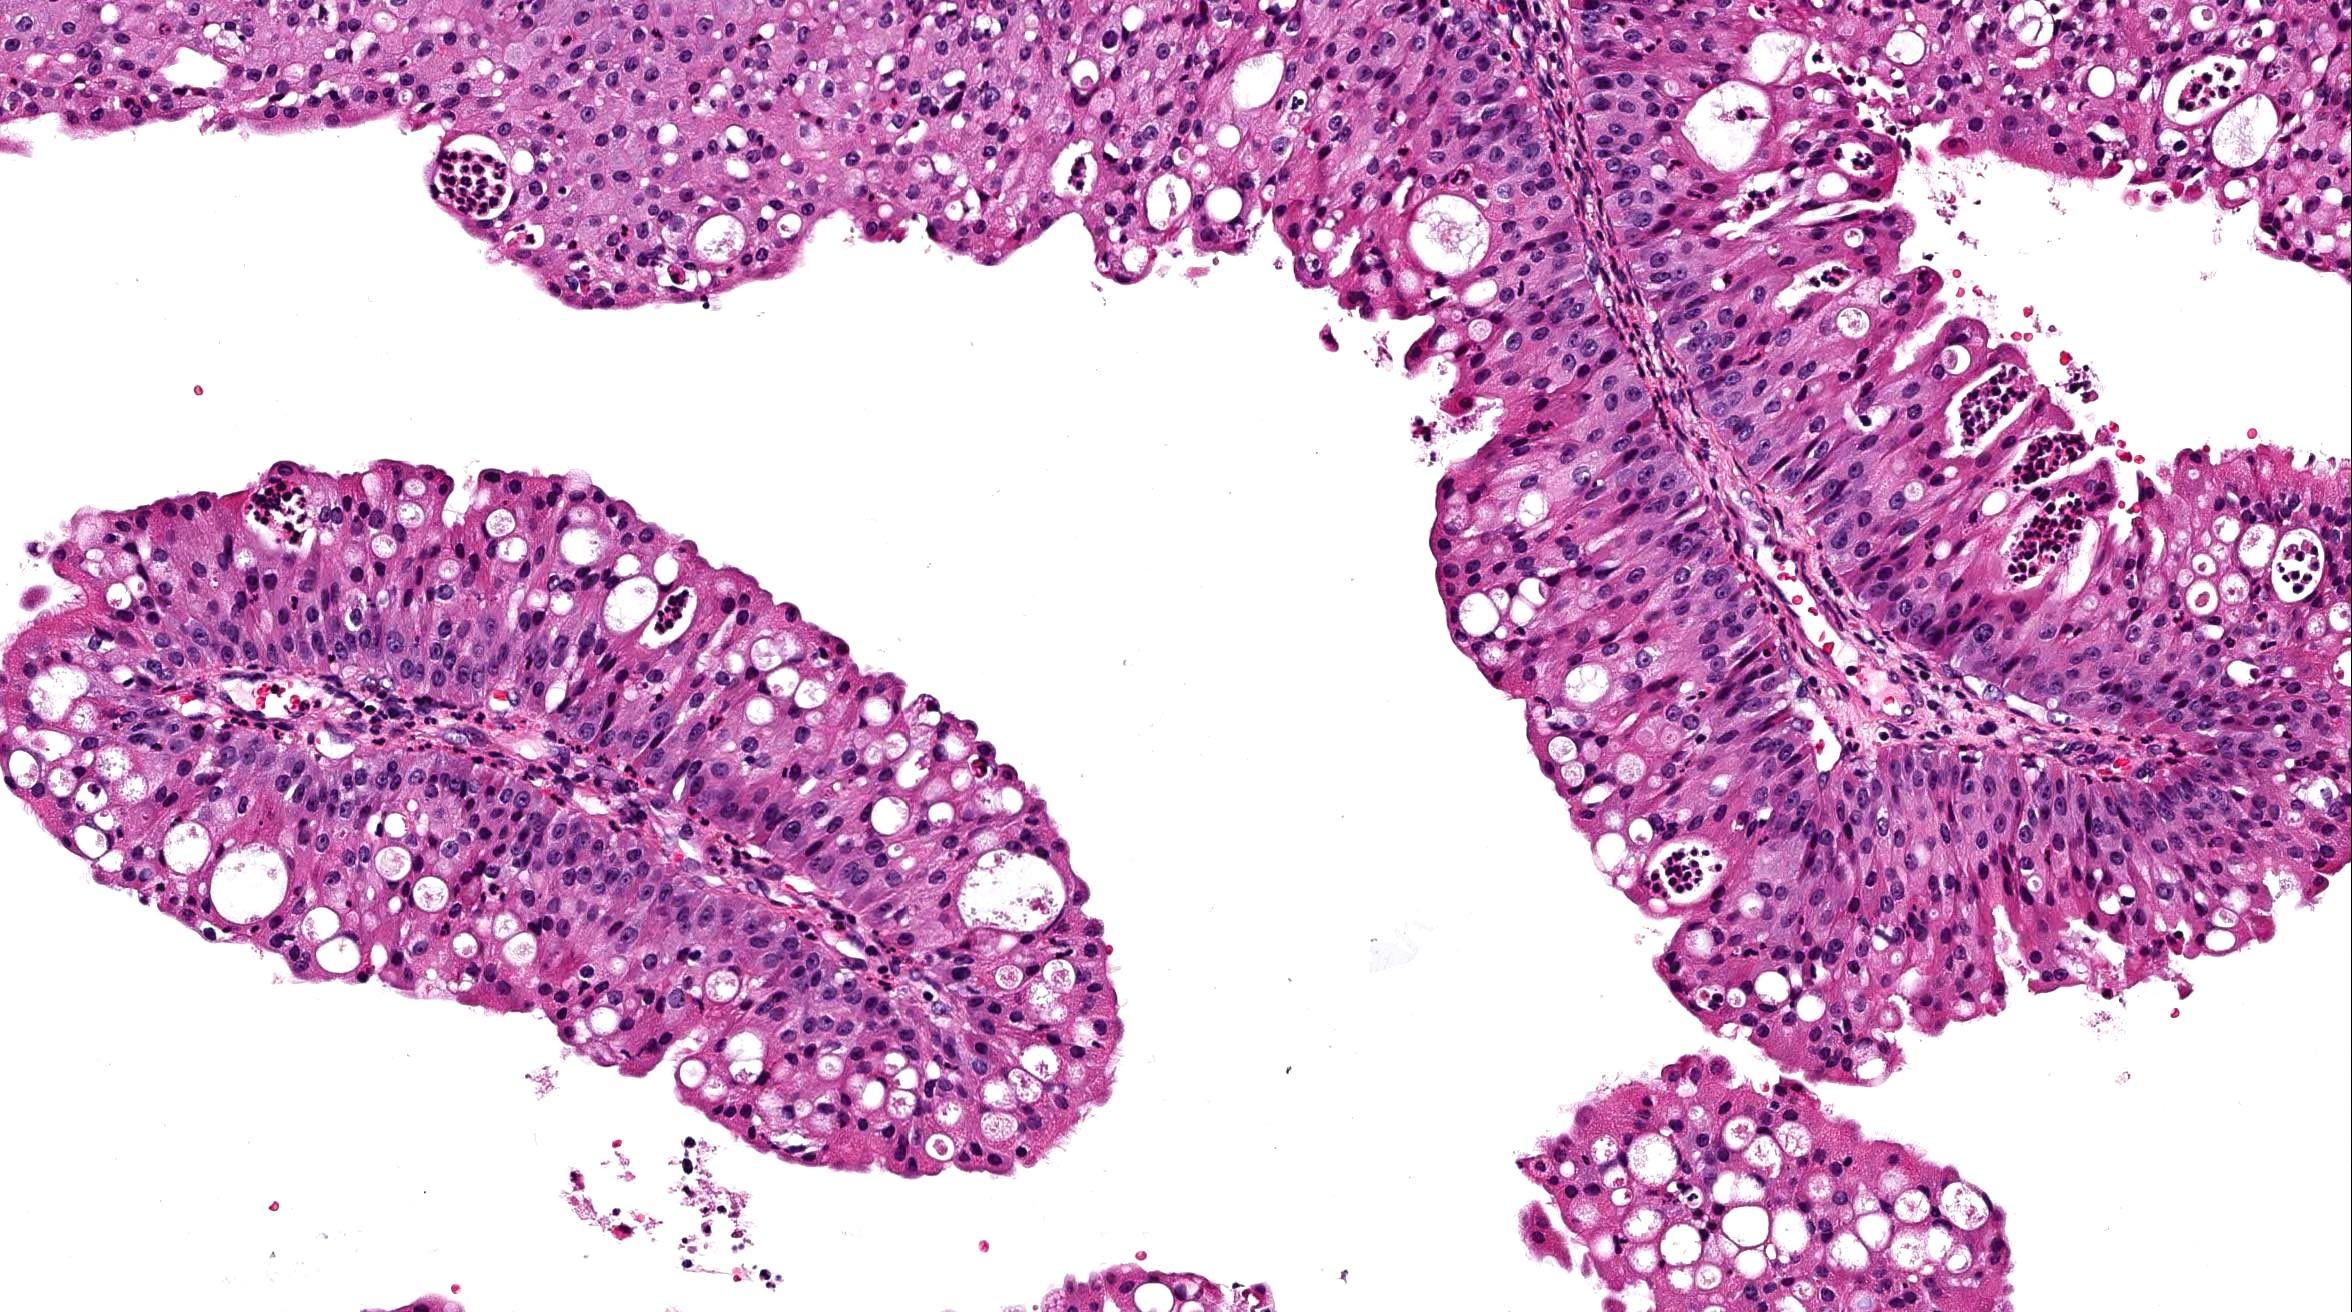 ktp laser laryngeal papilloma luomo e il papilloma virus